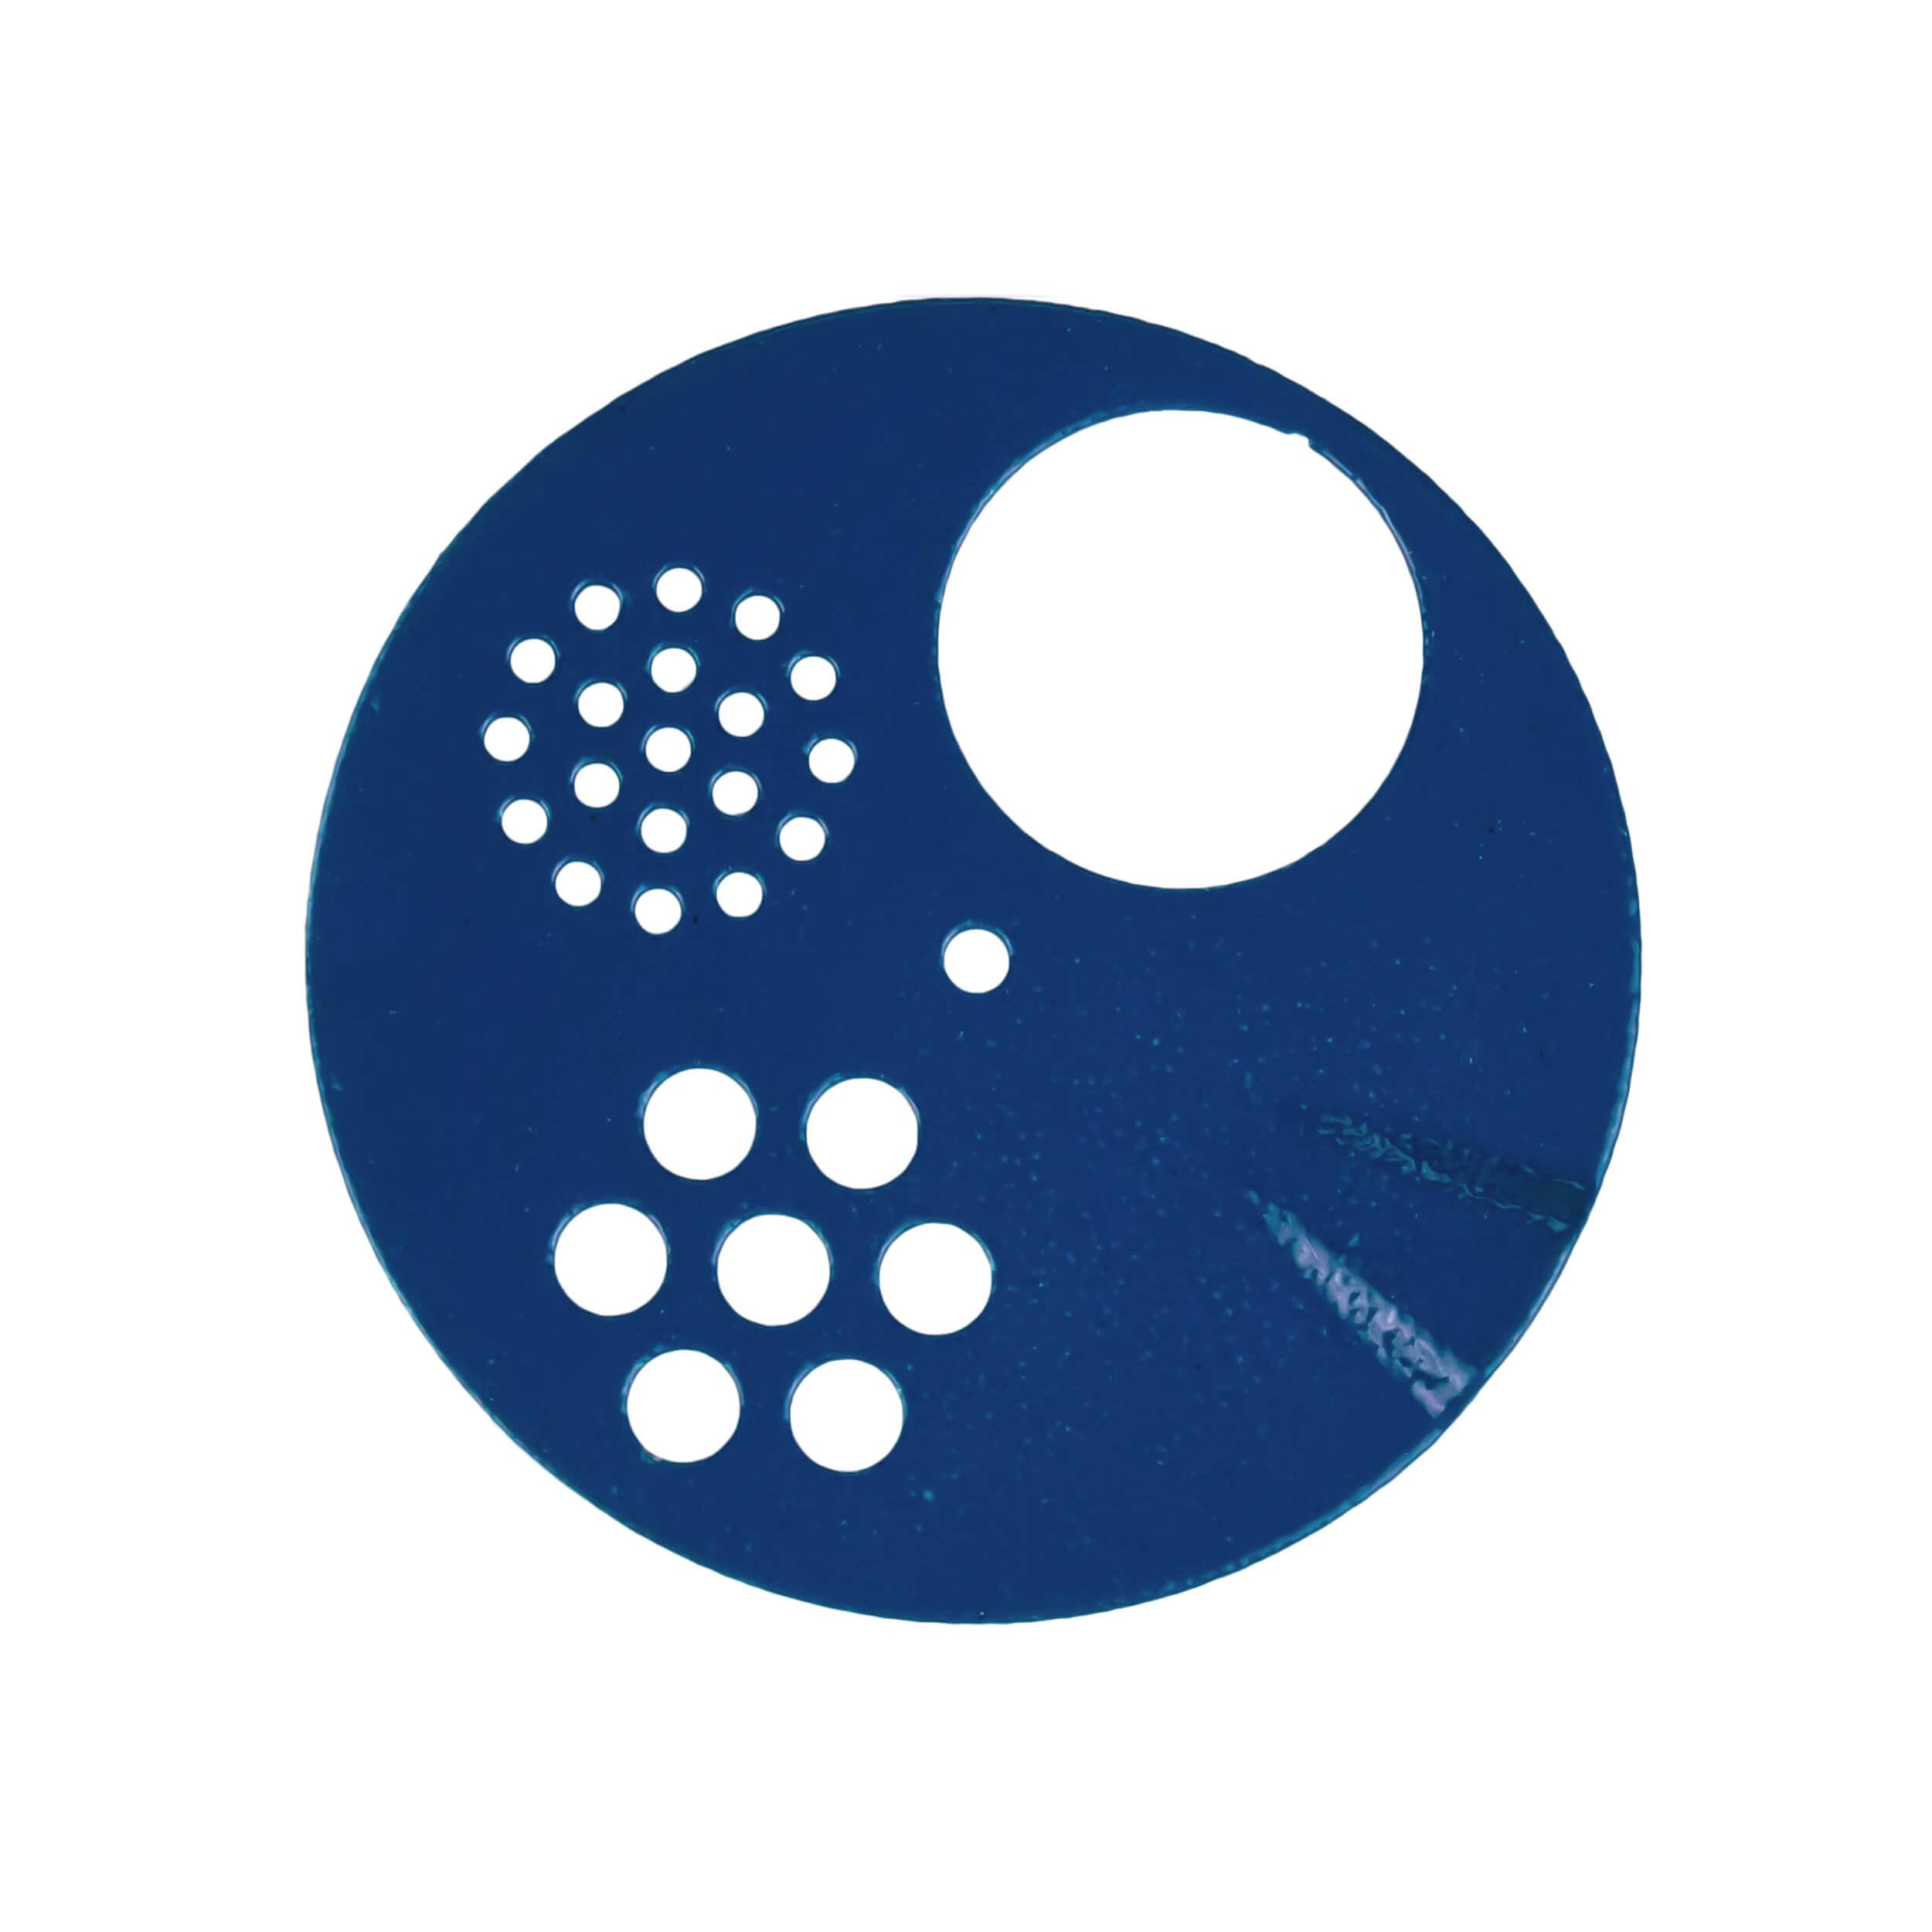 Задвижка цветная для круглого летка (4 положений) фото